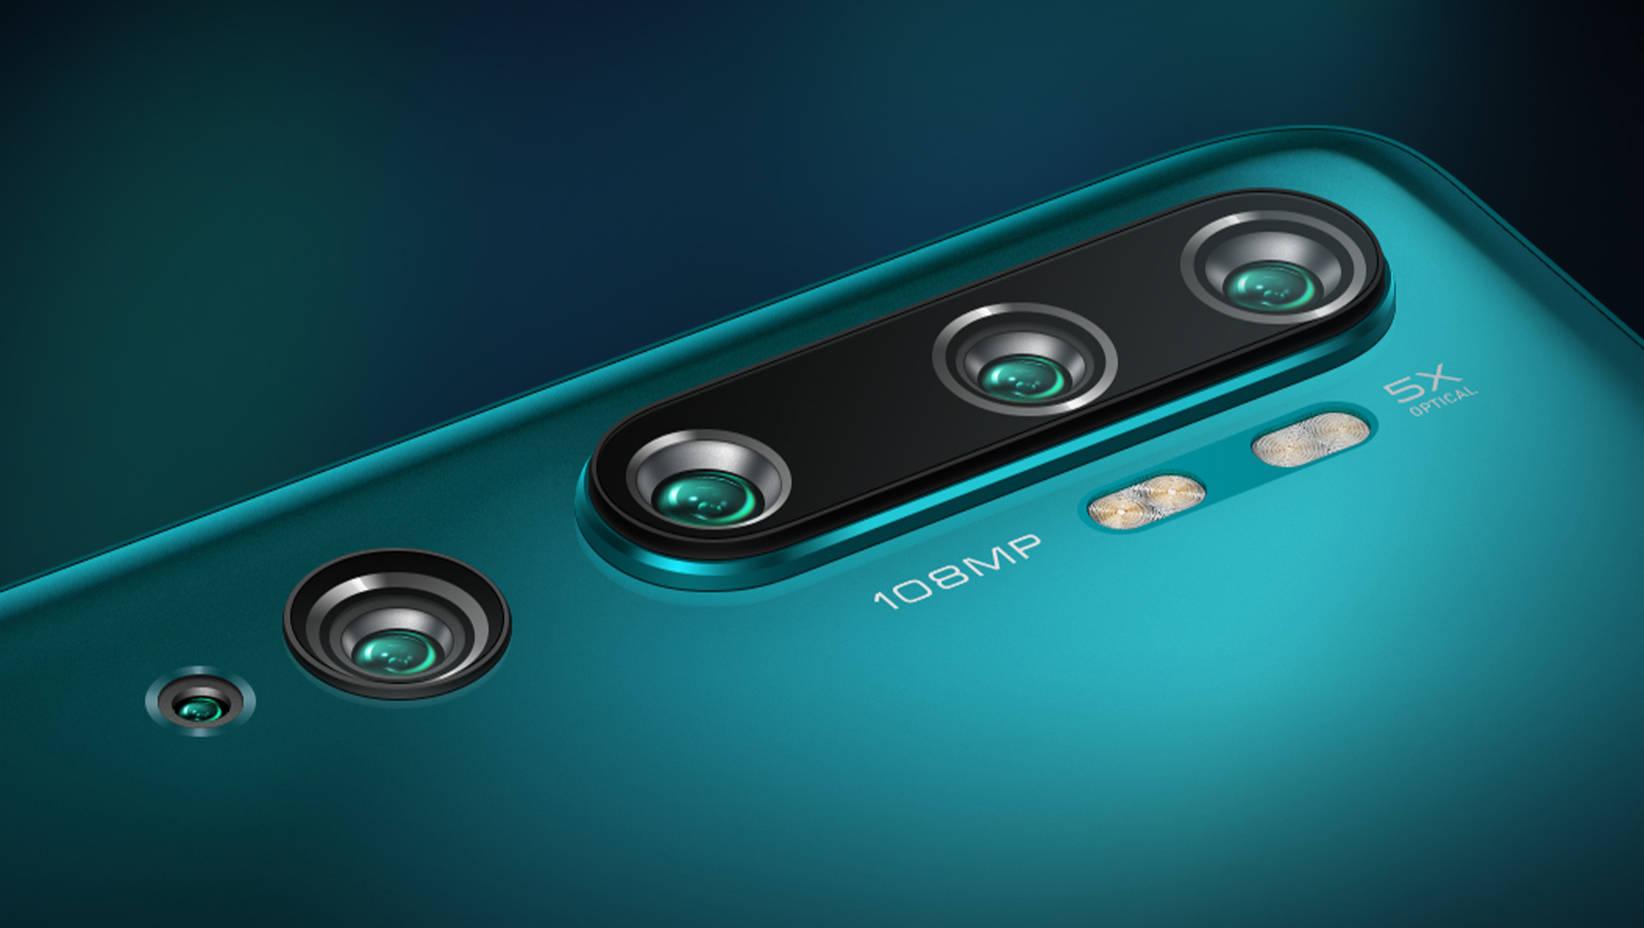 polska premiera Xiaomi Mi Note 10 Pro cena aparat kompresja przestrzeni jak to działa gdzie oglądać transmisję Redmi Note 8T polska przedsprzedaż Samsung Galaxy S11